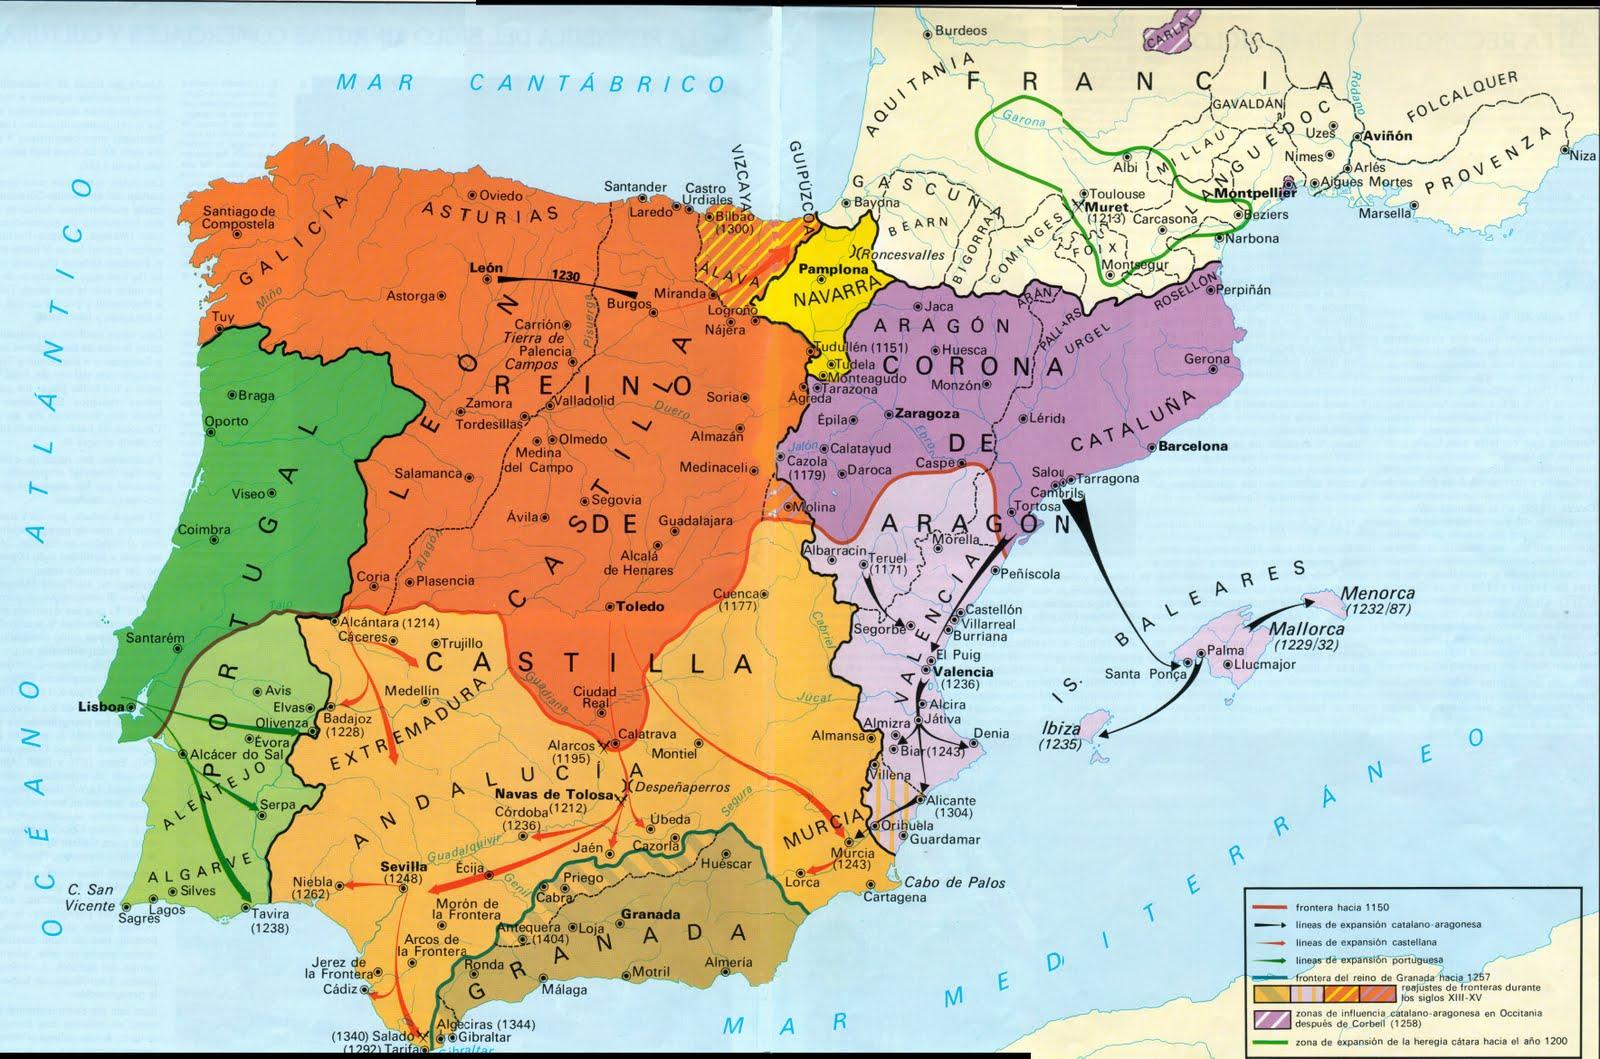 Blog de historia mapa reinos cristianos musulmanes alta for De donde sacan el marmol